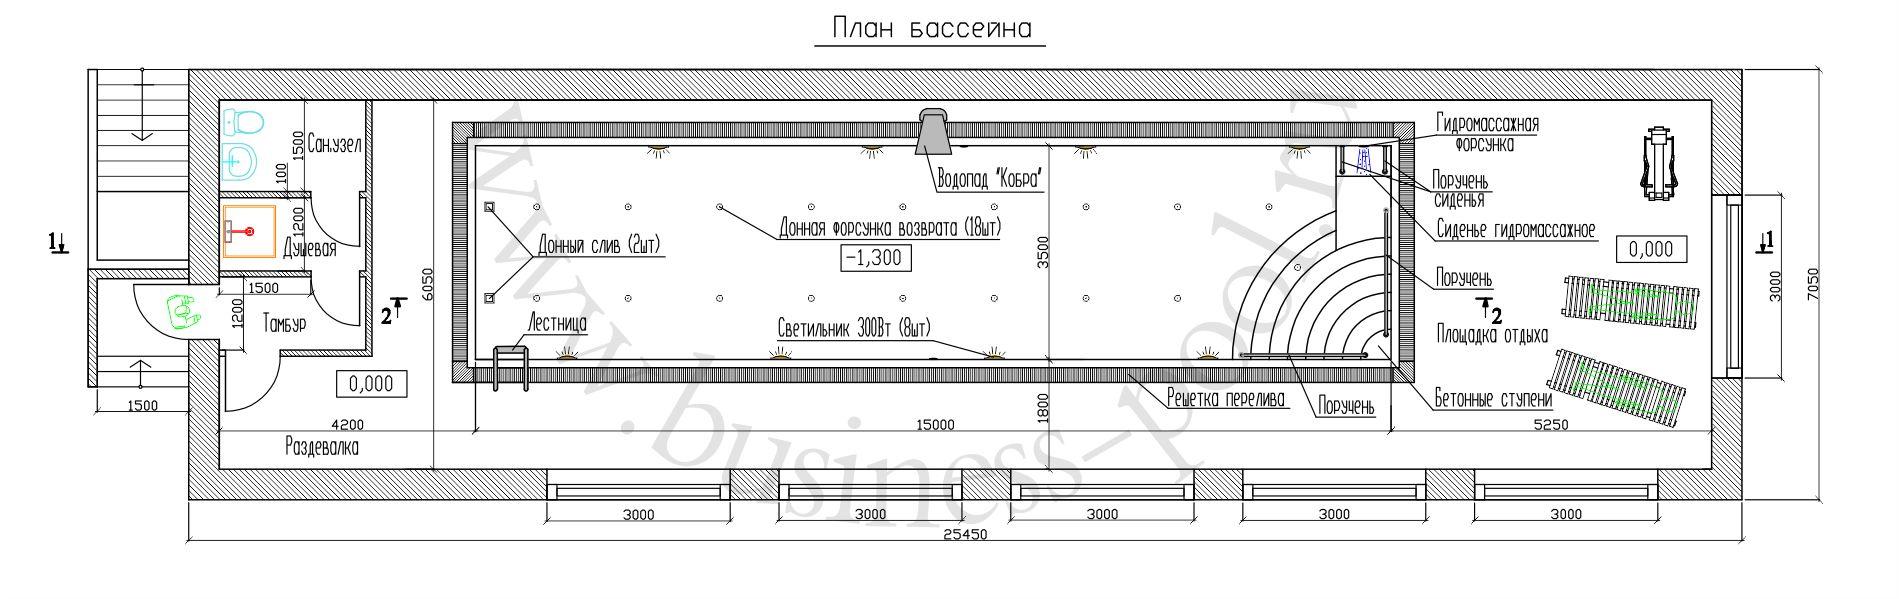 Планировка проекта тз-0020-п